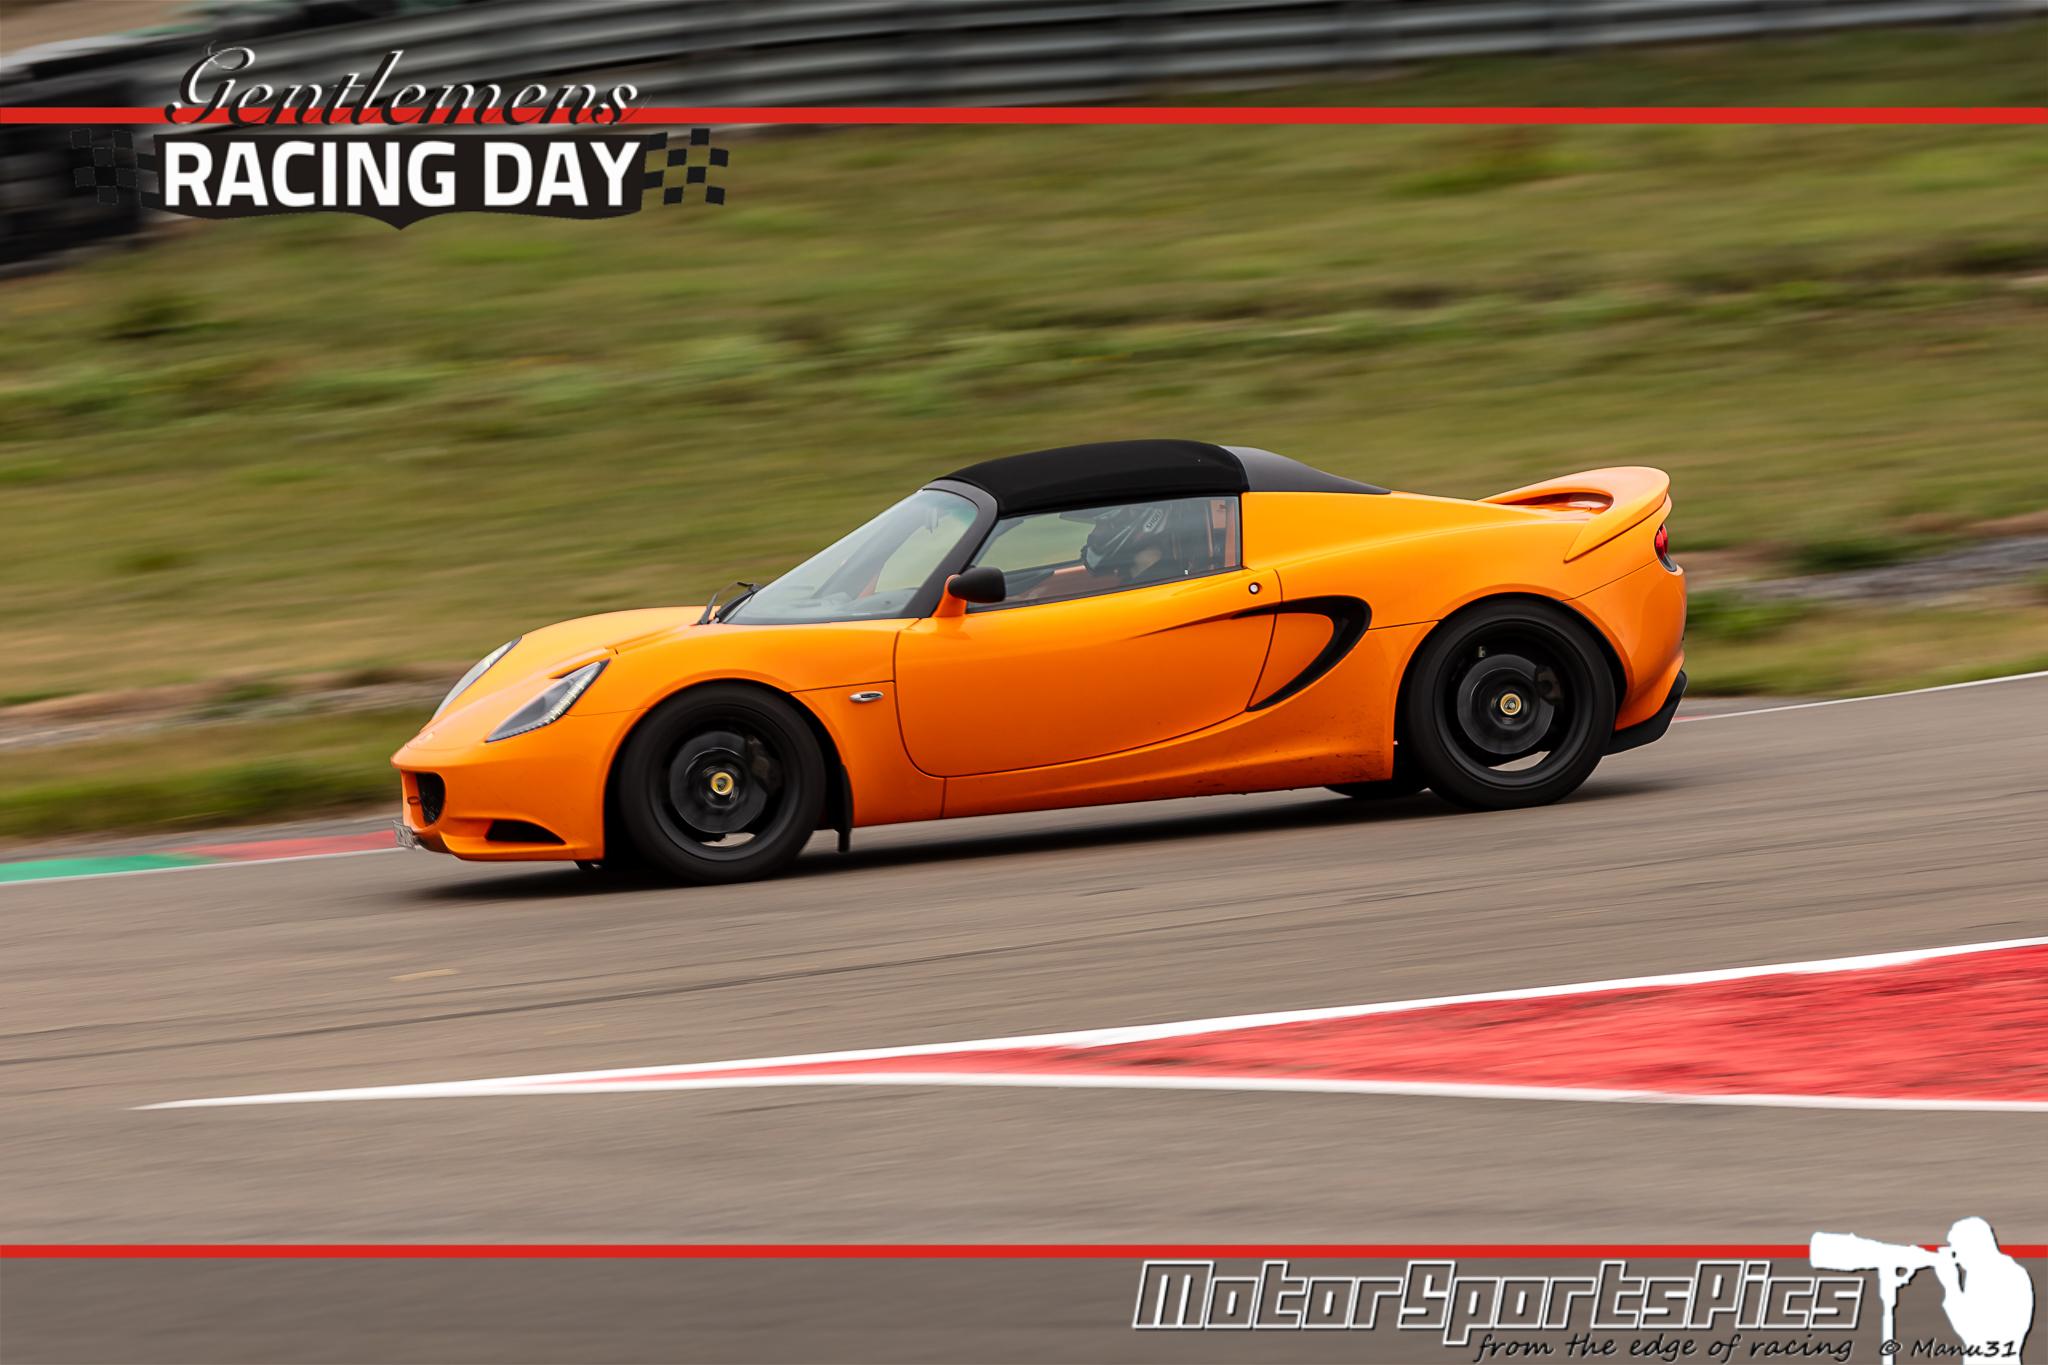 04-09-2020 Gentlemen's Racing day at Mettet group Green